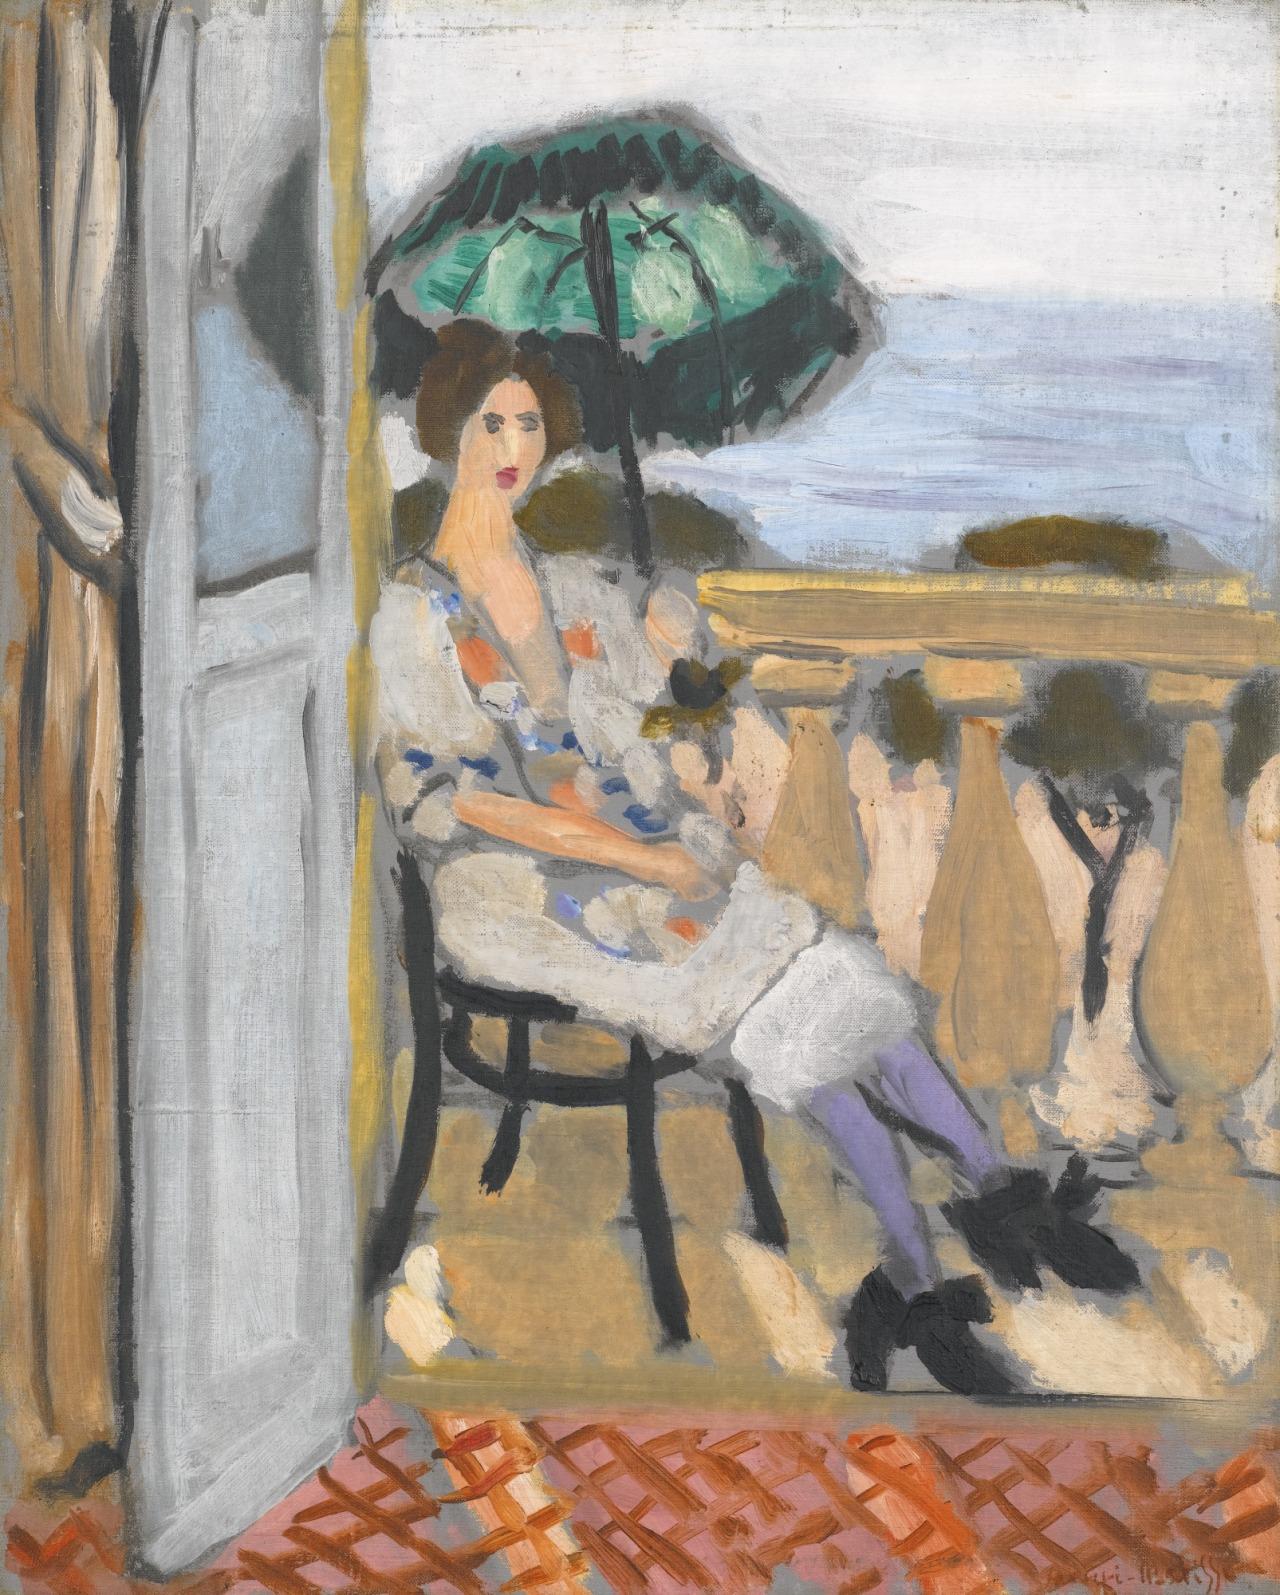 artexpert:  Femme à l'ombrelle verte (1919) - Henri Matisse